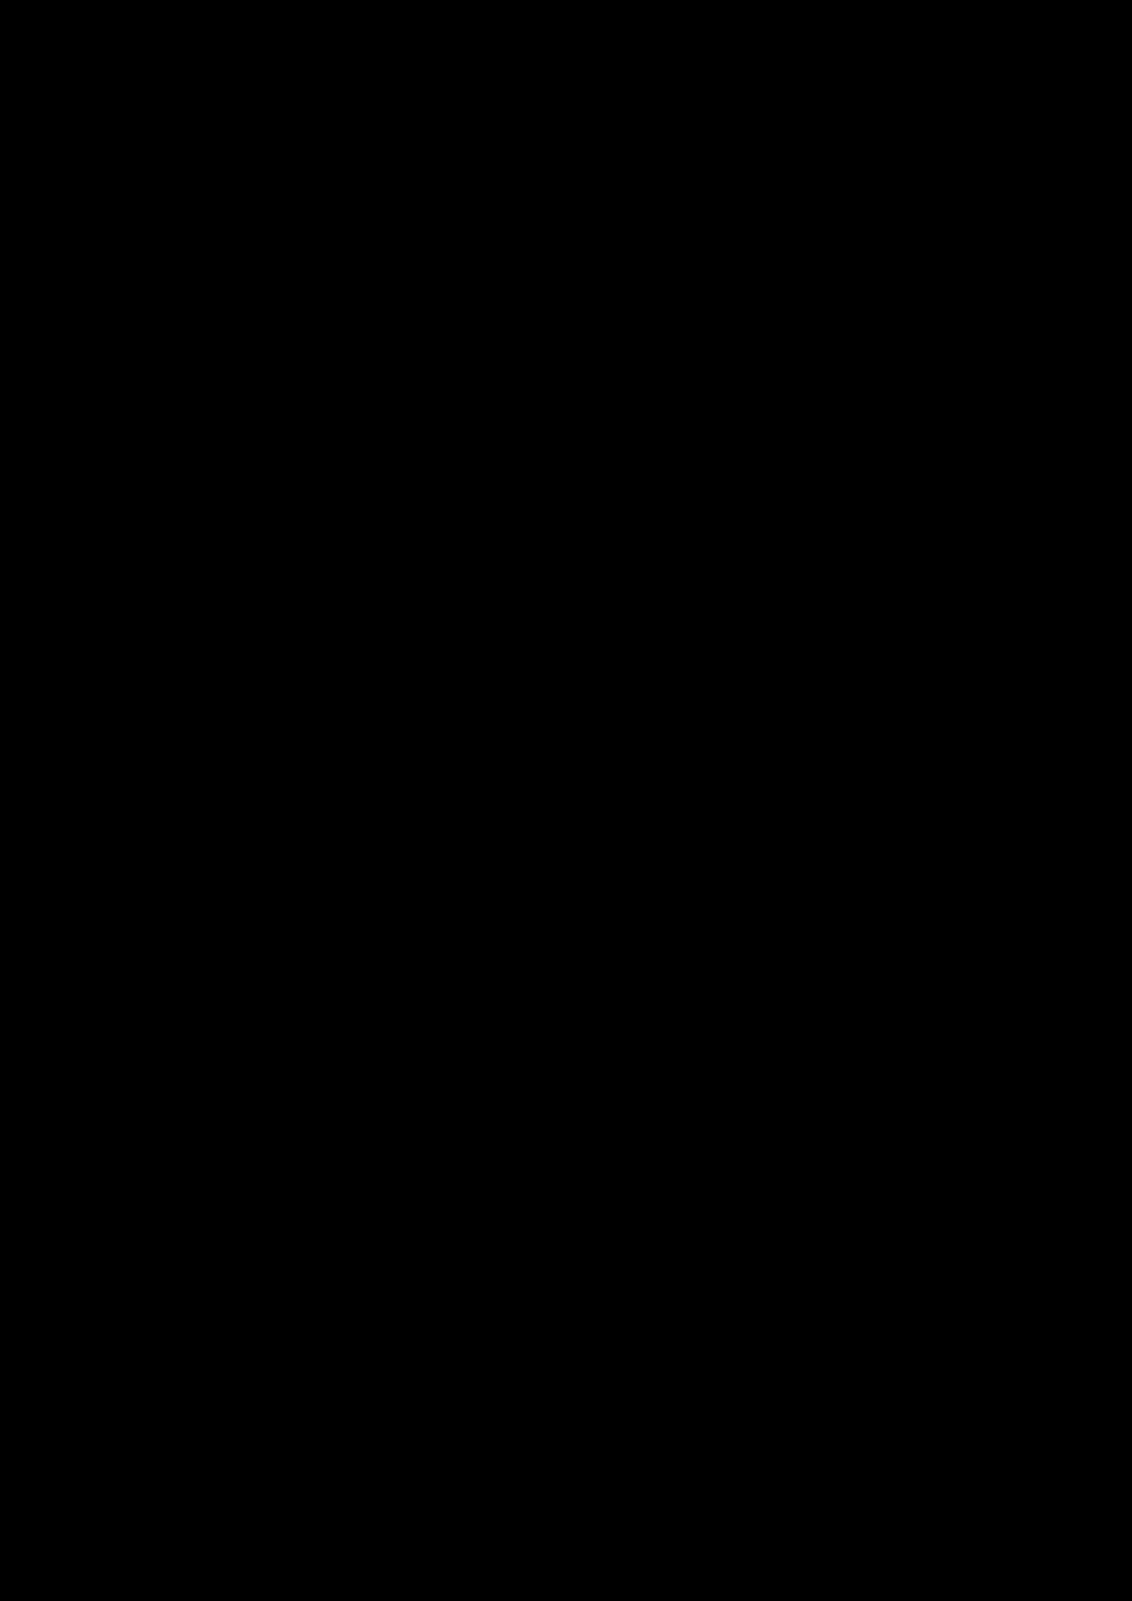 Zagadka volshebnoy stranyi slide, Image 150